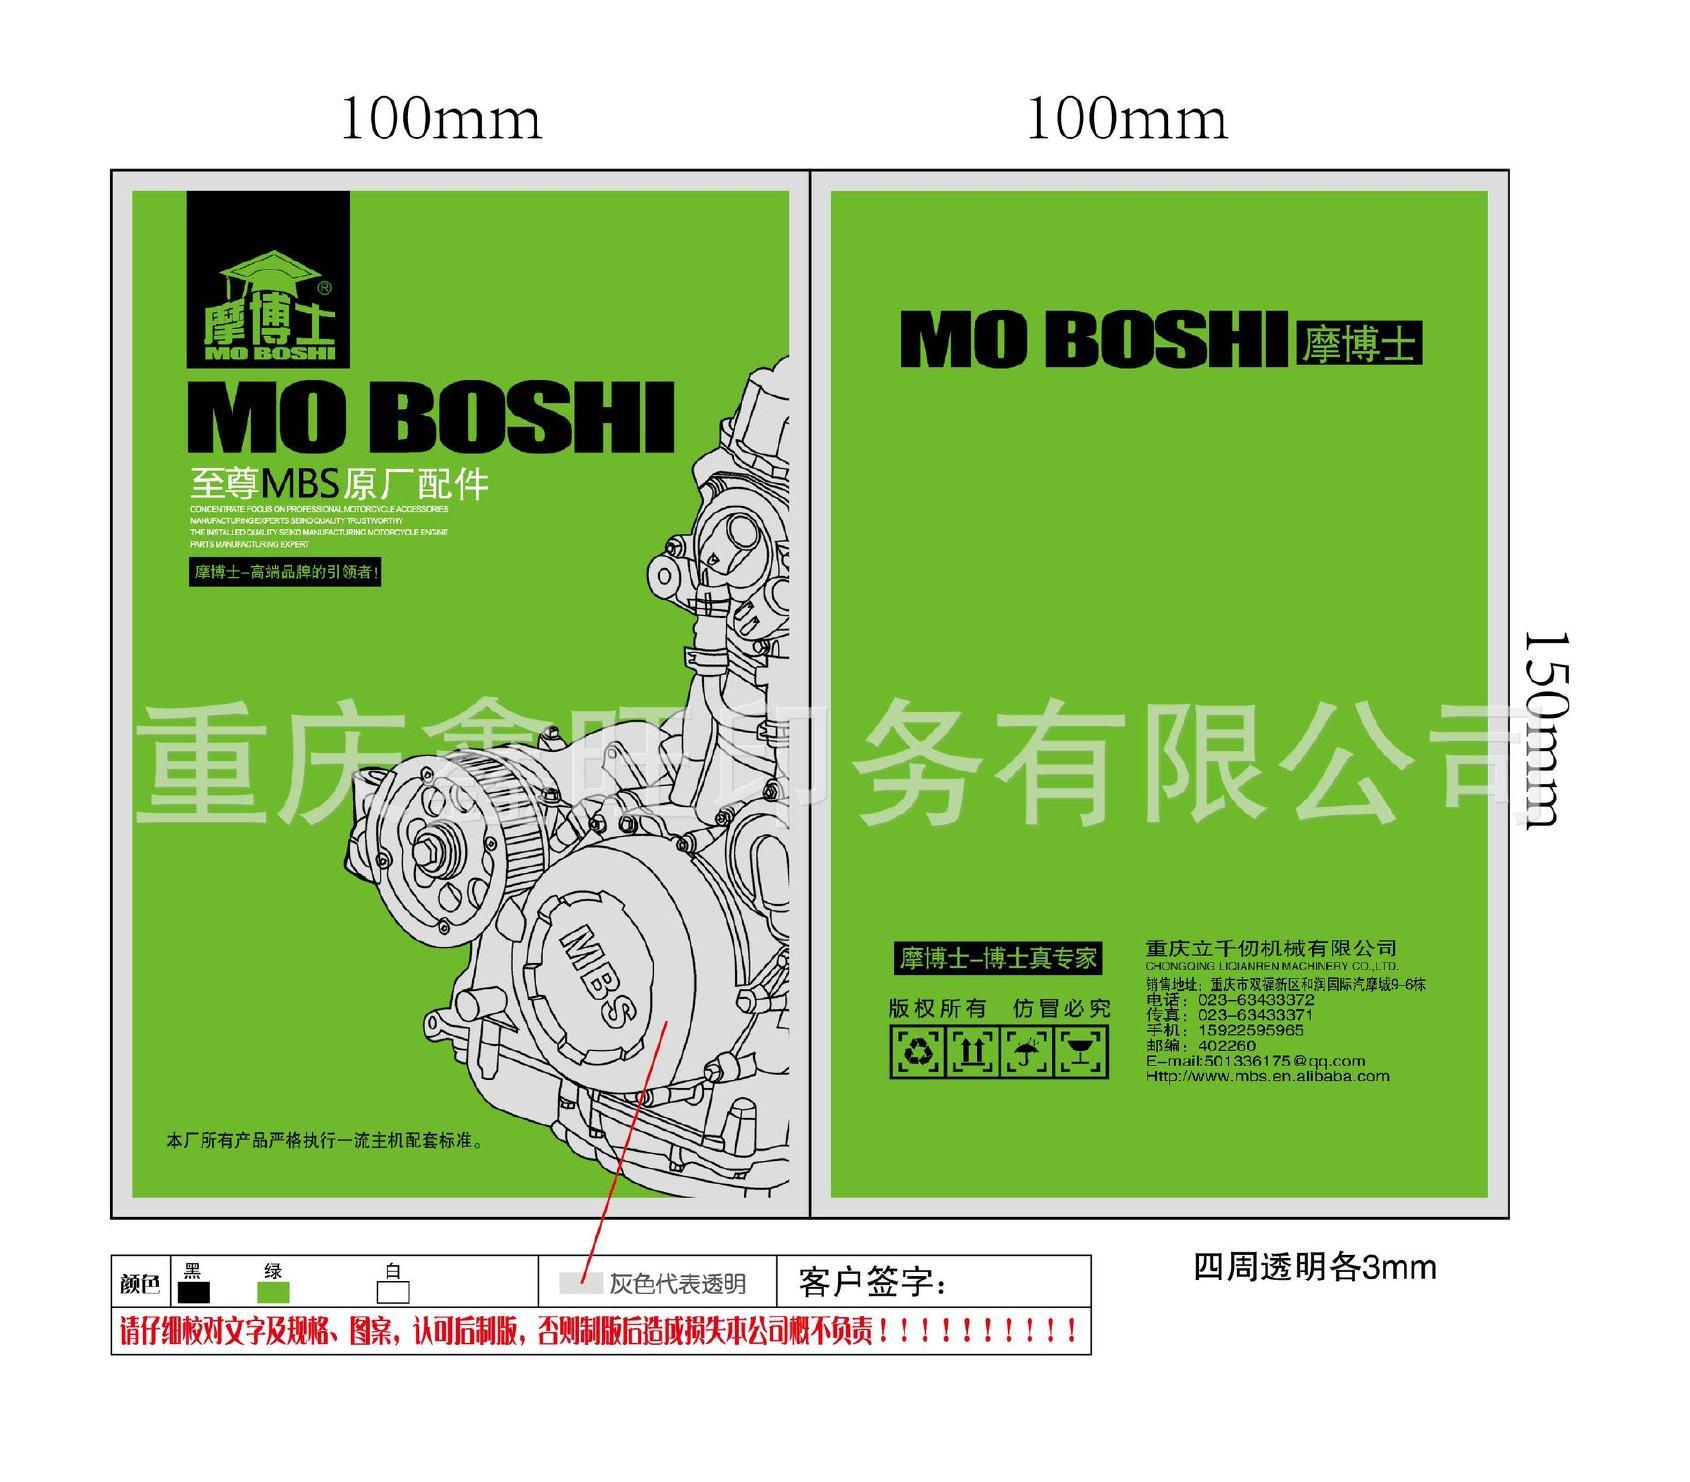 厂家生产定制 PVC包装袋 电压塑料袋 平口袋 防水公牛包装